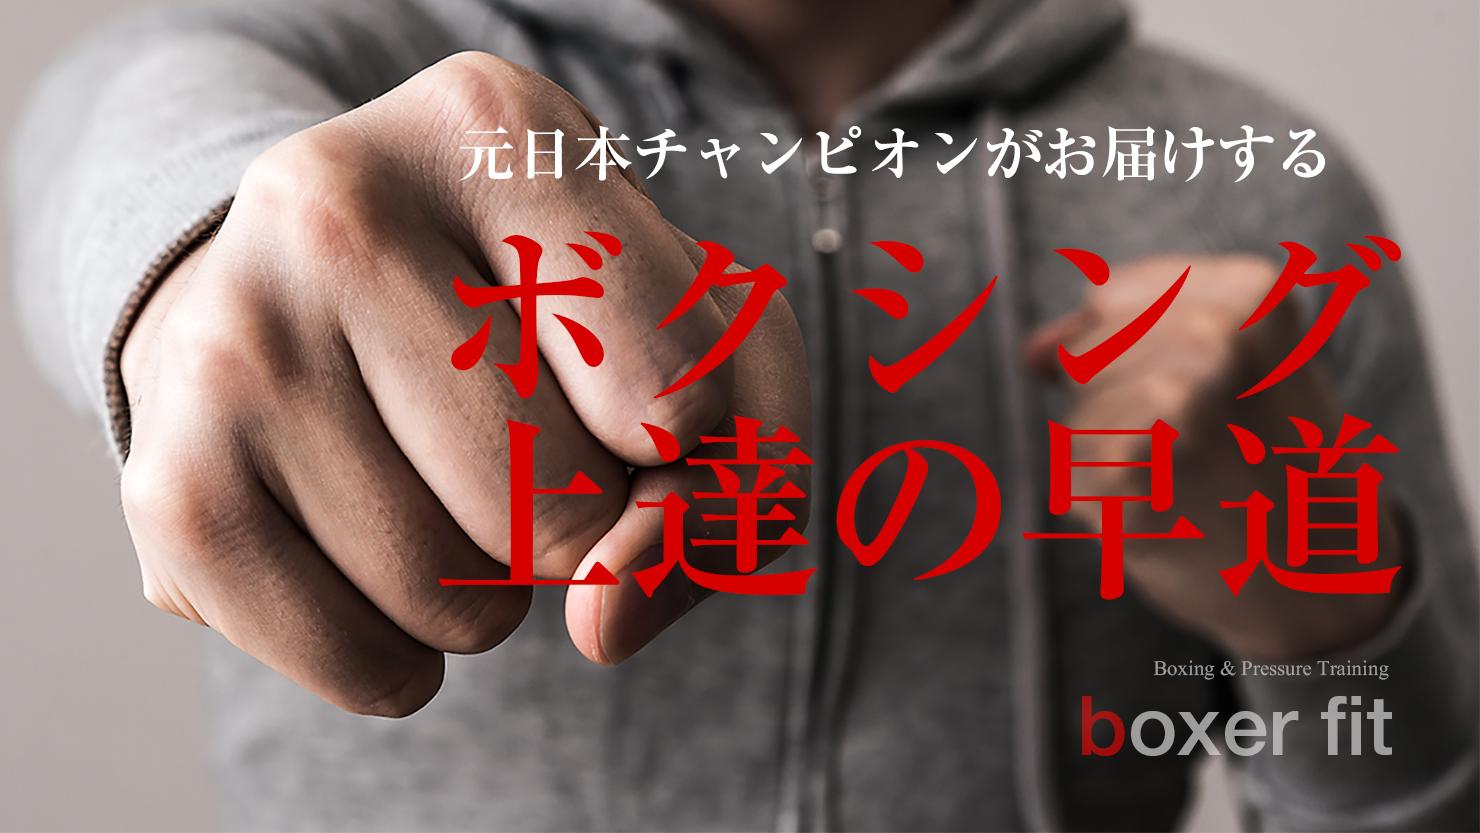 ボクシング「上達の早道」ボクサフィット